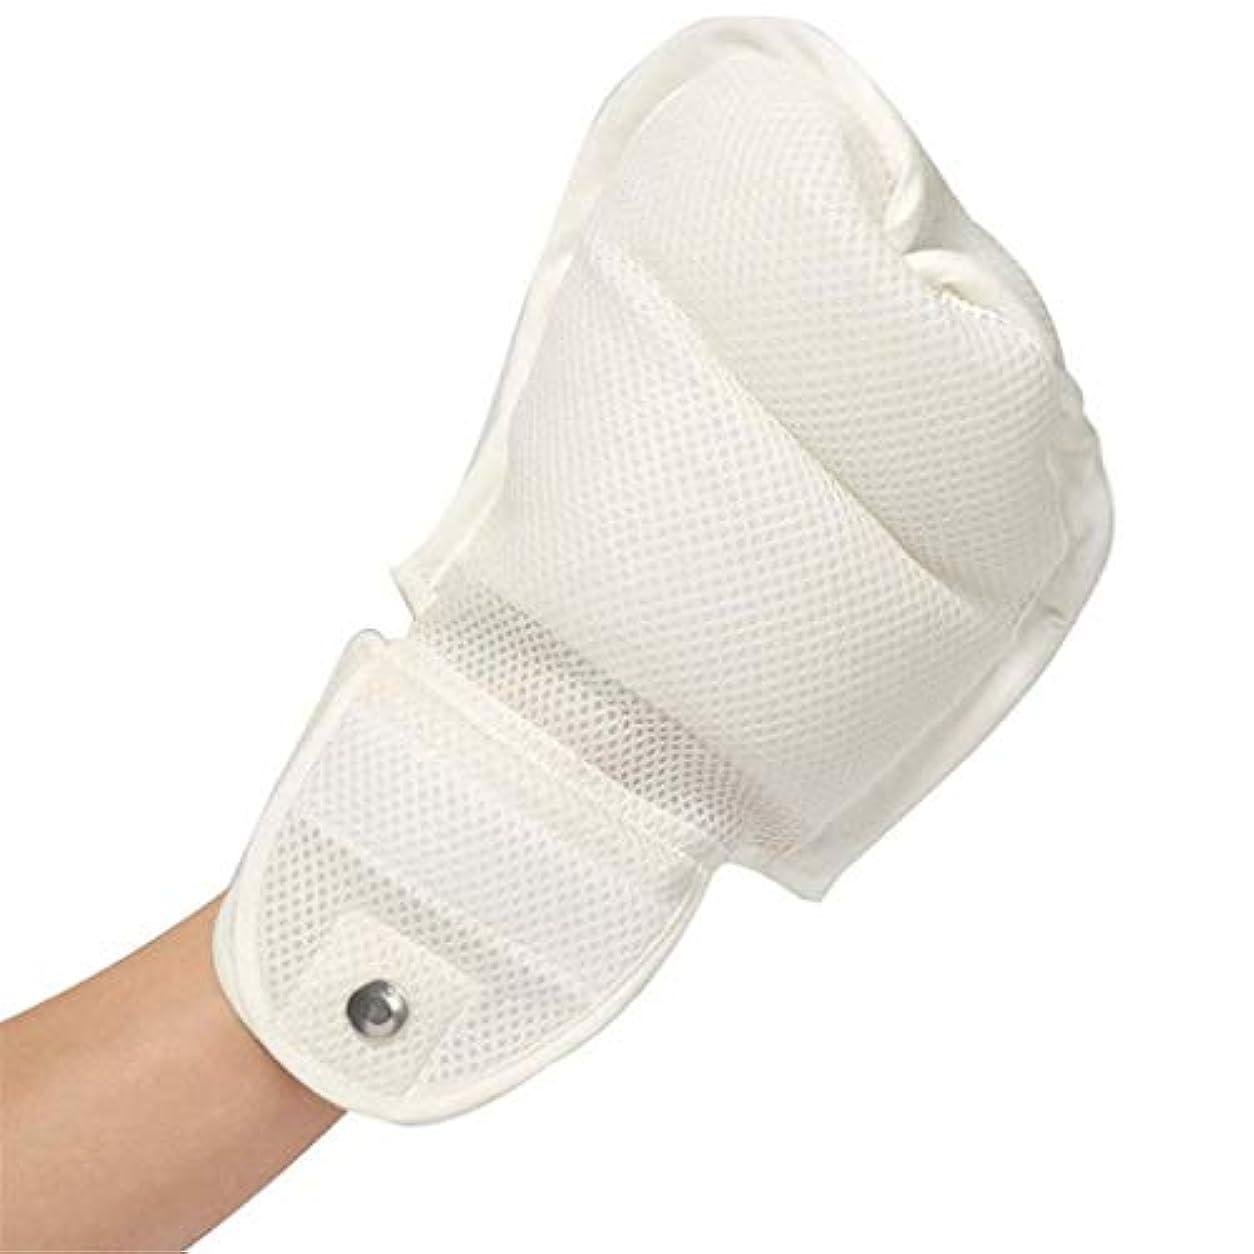 ポーン映画ベースフィンガーコントロールミット、認知症手袋安全手袋 - 患者用手感染プロテクター自己害を防ぐためのパッド入りミット